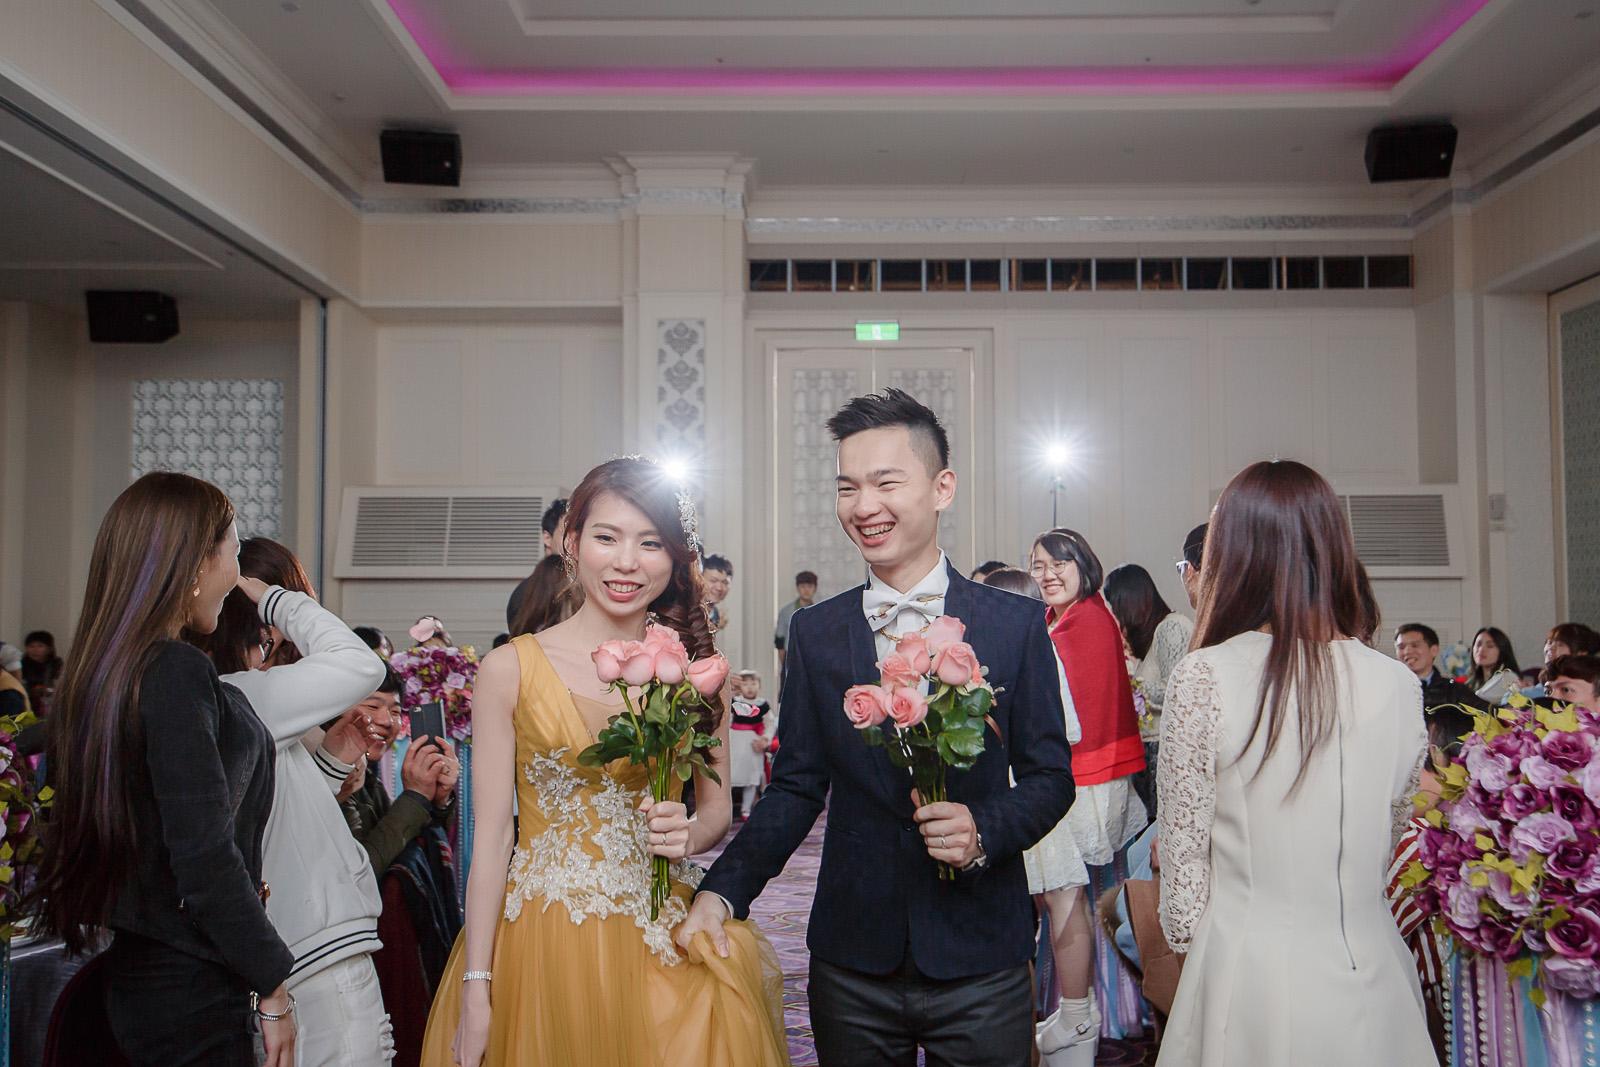 高雄圓山飯店,婚禮攝影,婚攝,高雄婚攝,優質婚攝推薦,Jen&Ethan-281